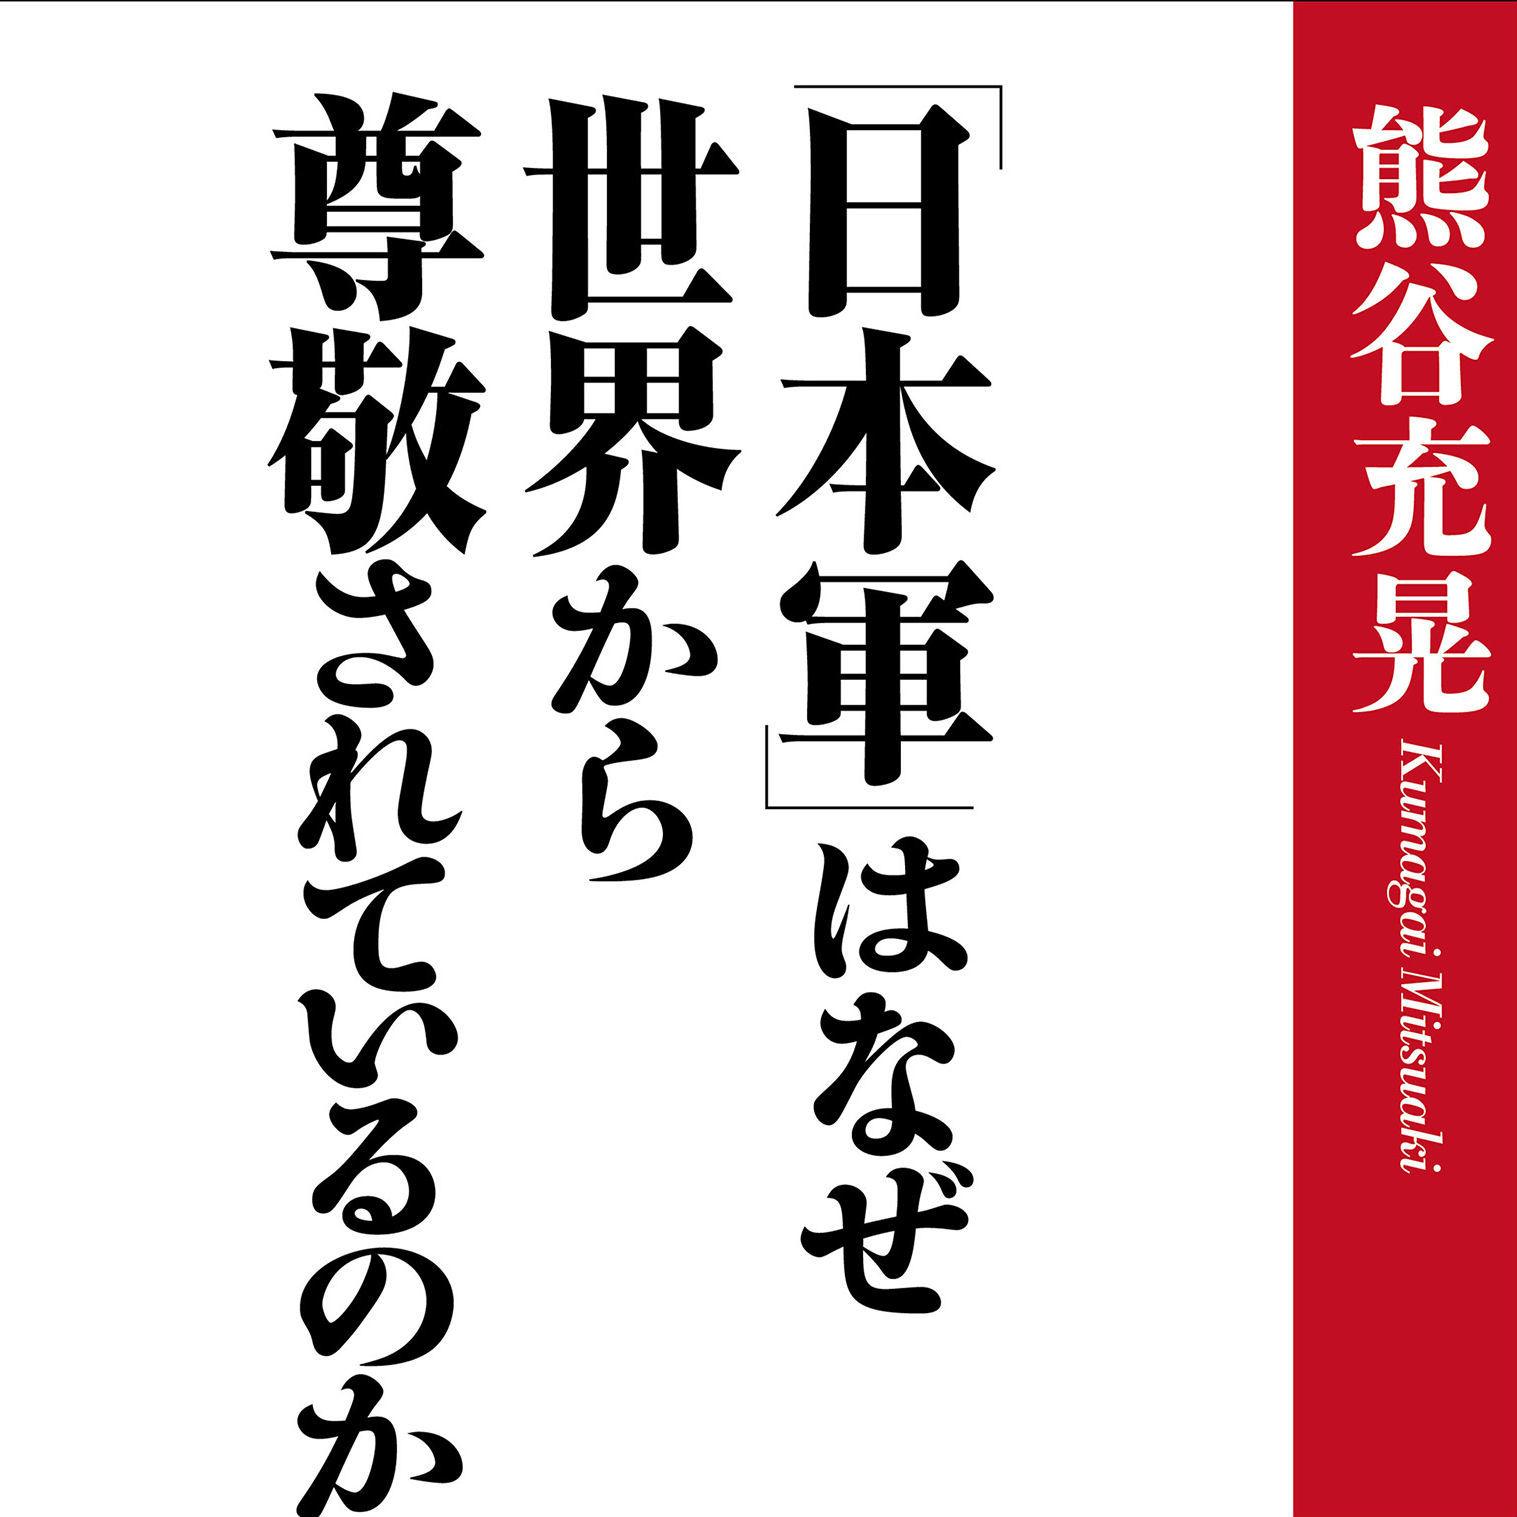 外国人が感服する、「日本軍」の勇敢さとは?